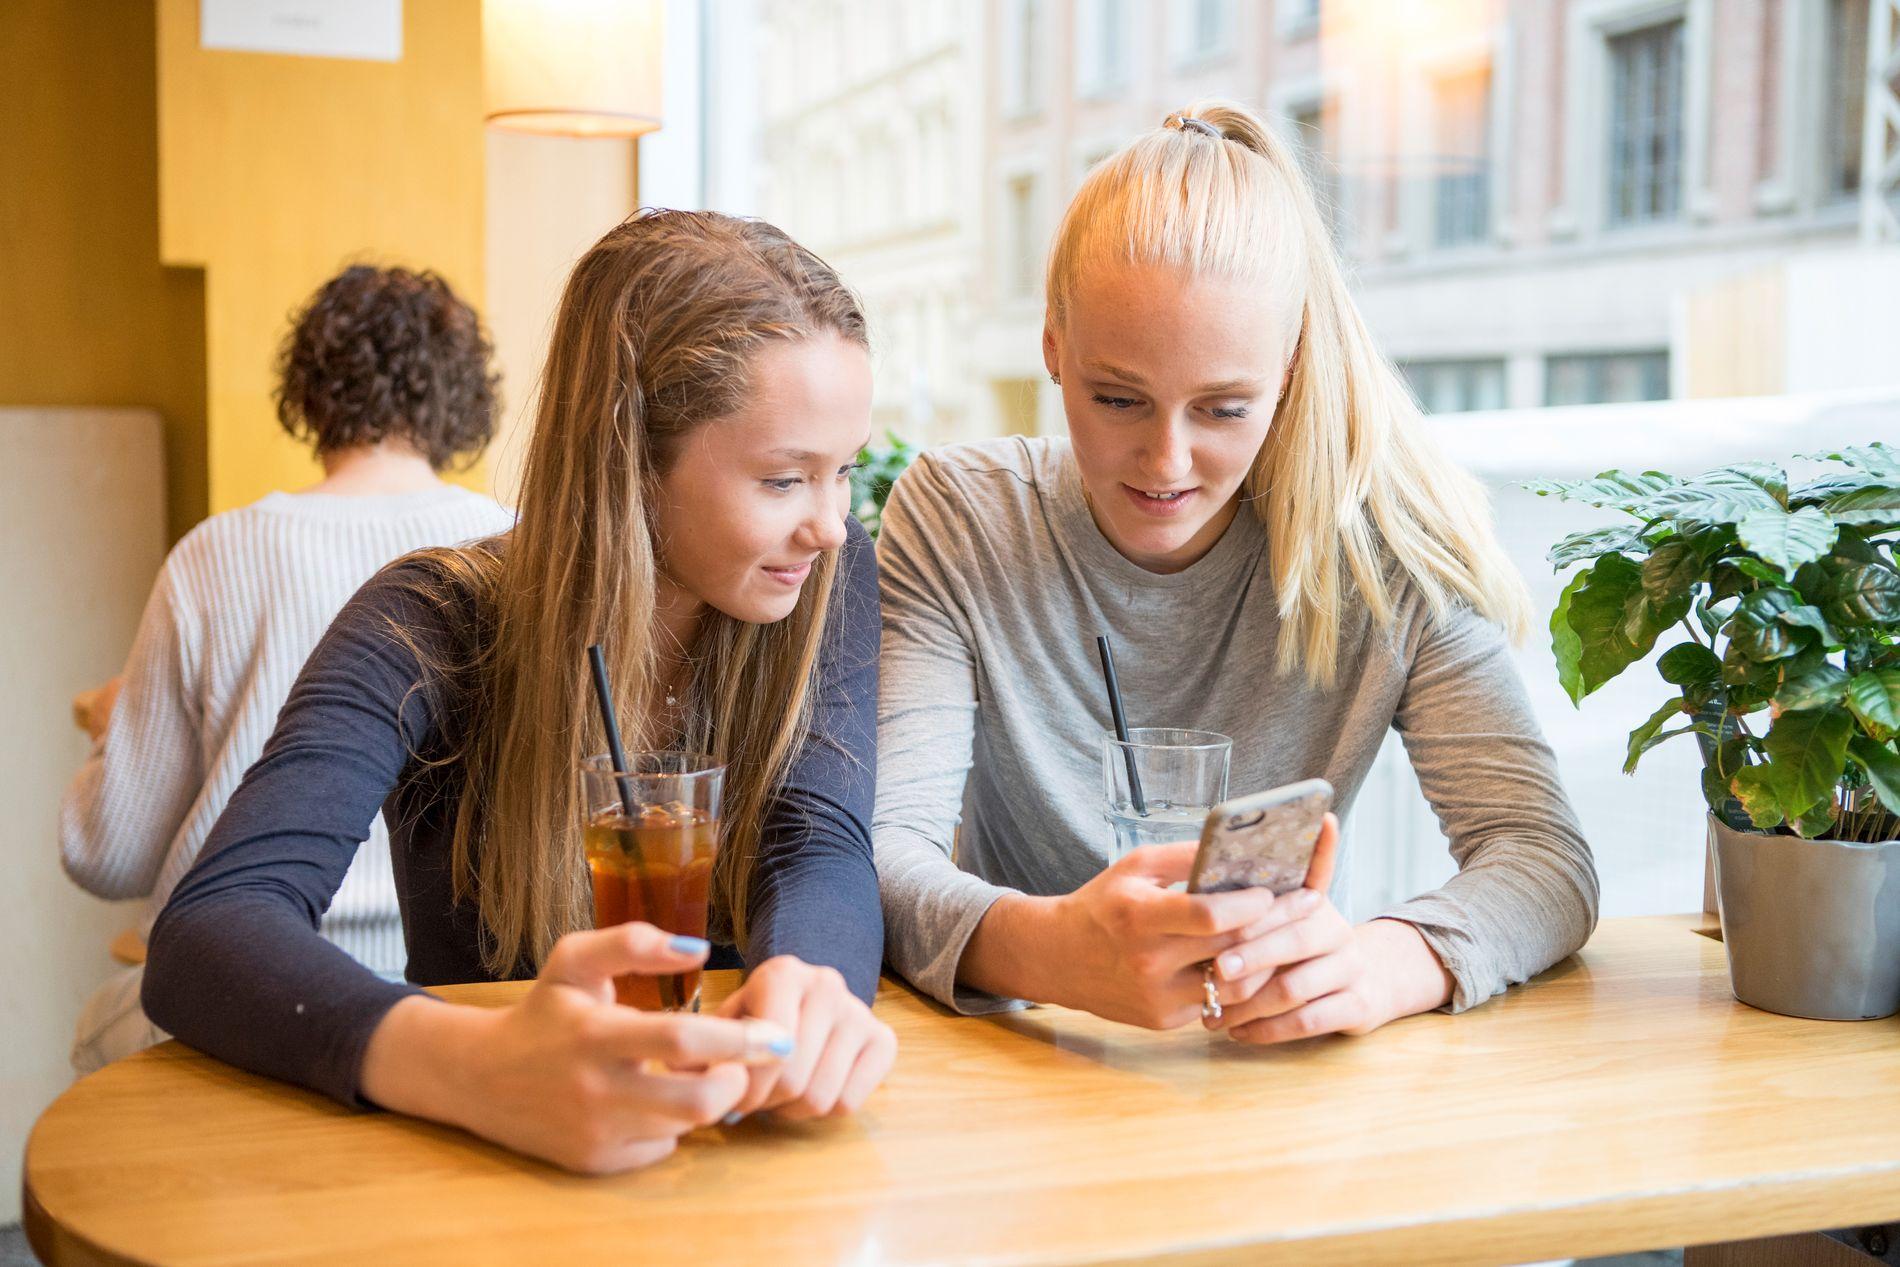 LYKKELIGERE UTEN?  45 prosent av norske barn mener selv at de bruker for mye tid på skjerm. Jentene er mer mest kritisk til egen tidsbruk. 31 prosent mener de bruker for liten tid til å treffe venner, ifølge medietilsynets Barn- og medieundersøkelse.